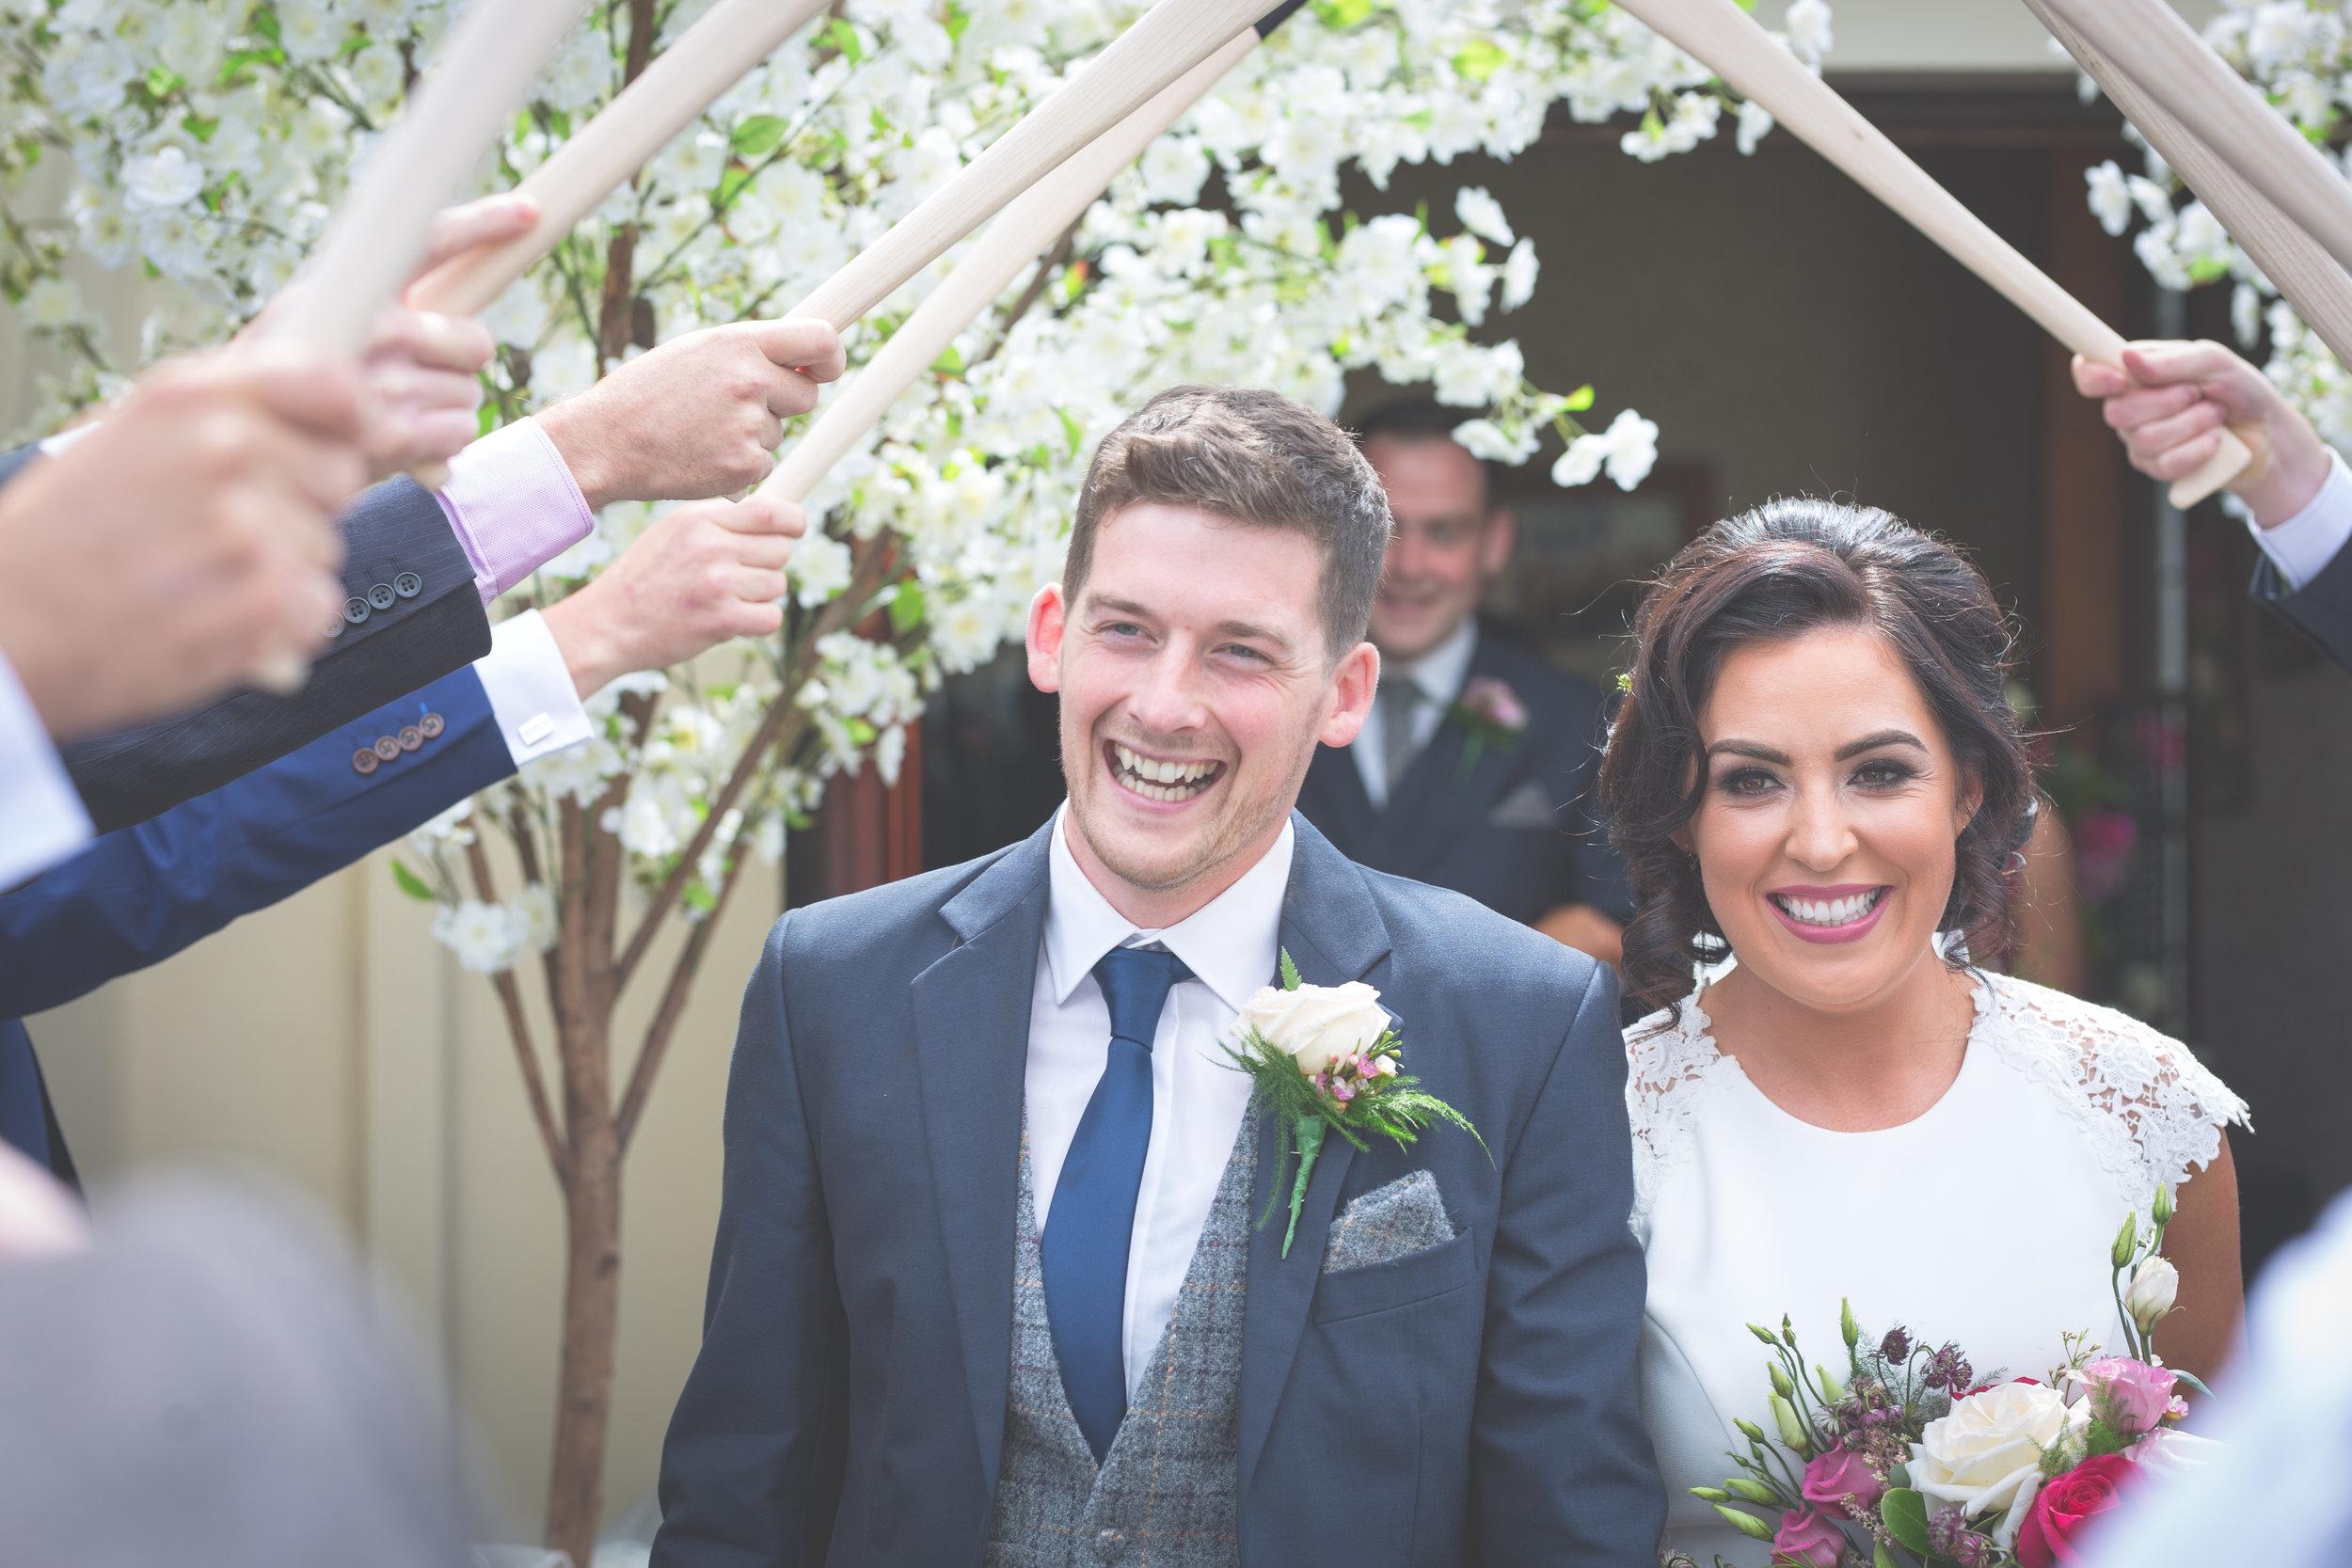 Brian McEwan Wedding Photography   Carol-Anne & Sean   The Ceremony-84.jpg